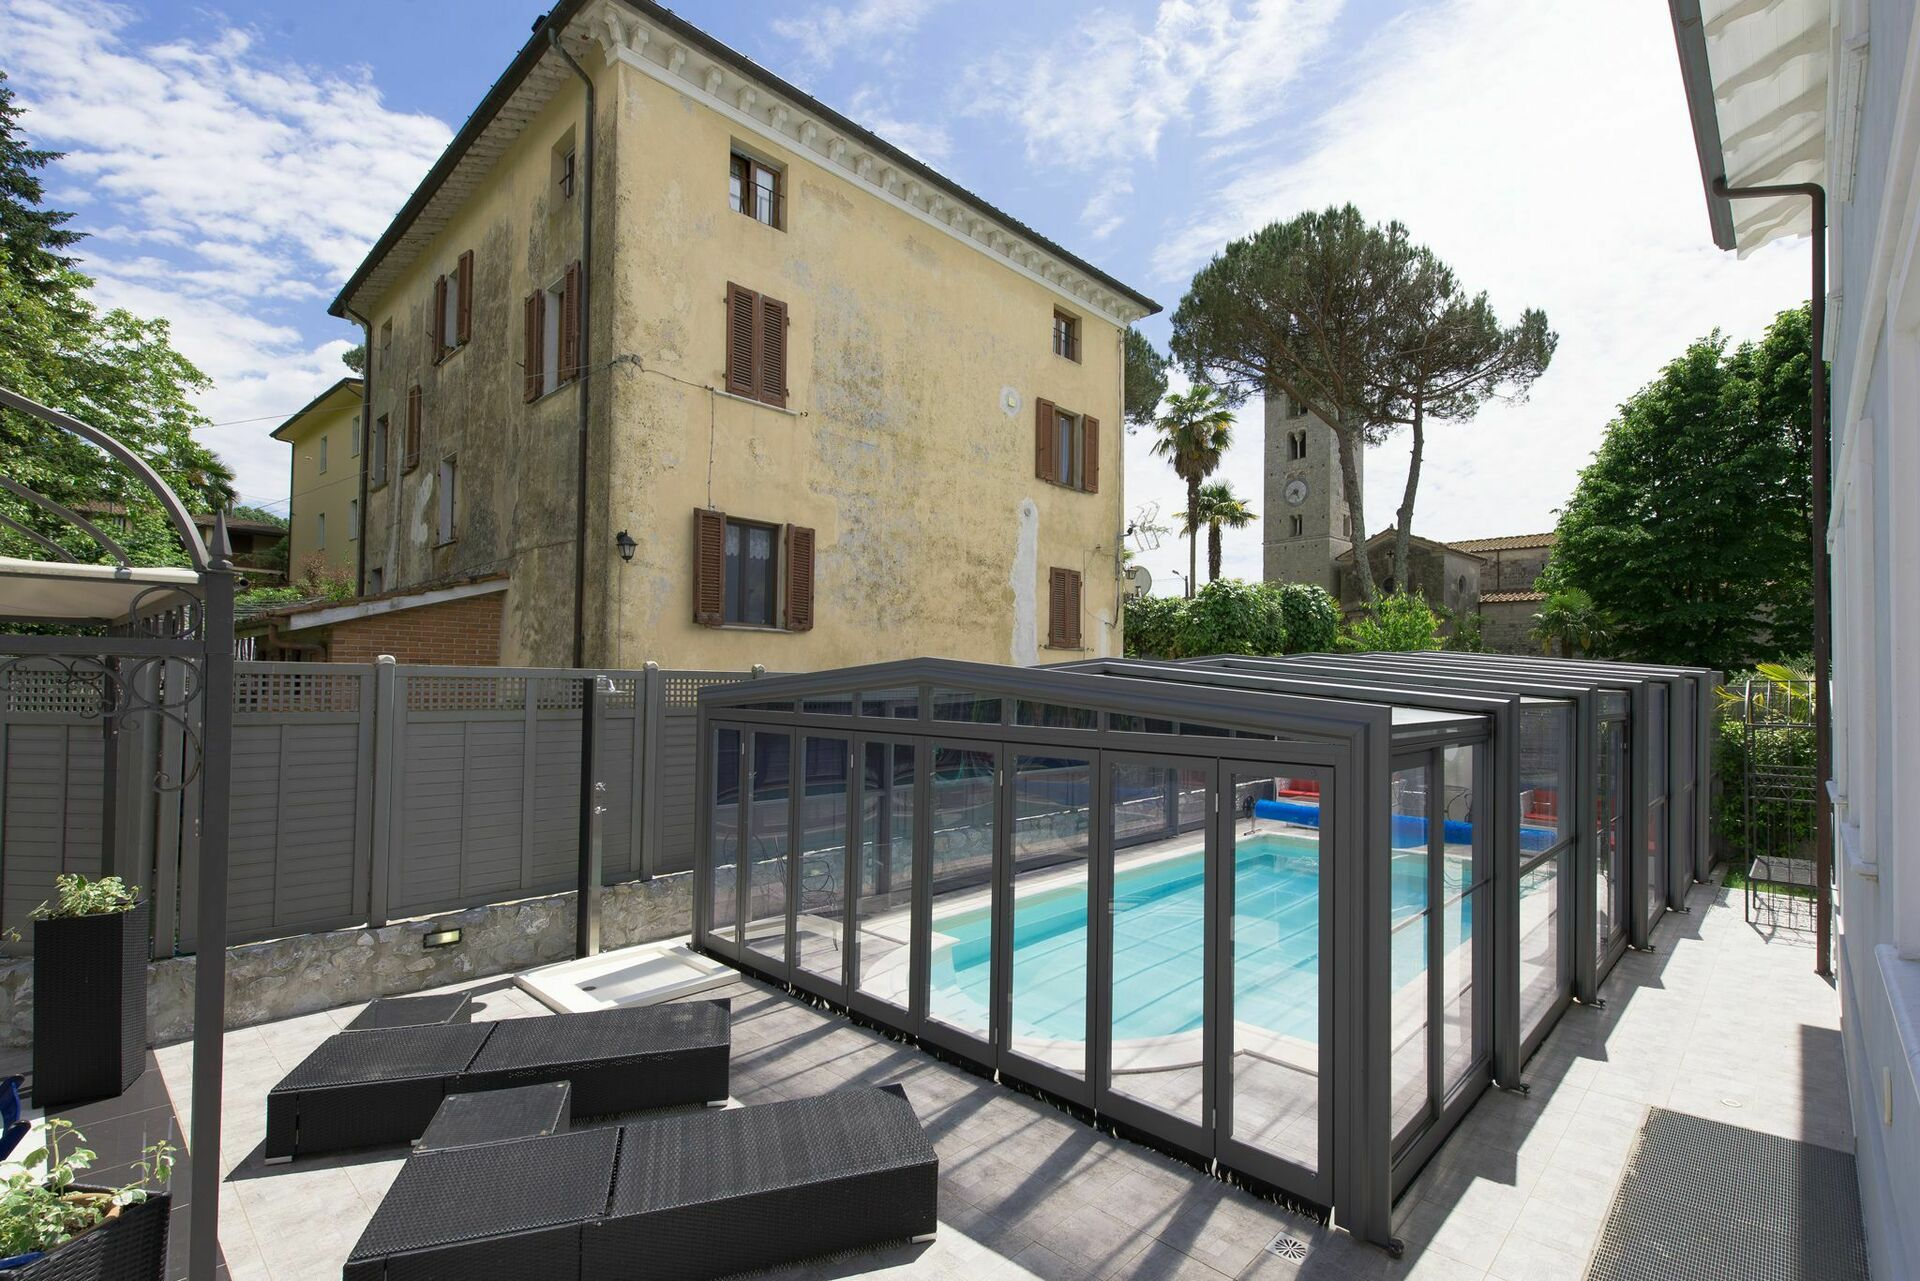 villa raffaela luxus ferienhaus in camaiore toskana 8 schlafpl tze und 4 schlafzimmer luxus. Black Bedroom Furniture Sets. Home Design Ideas